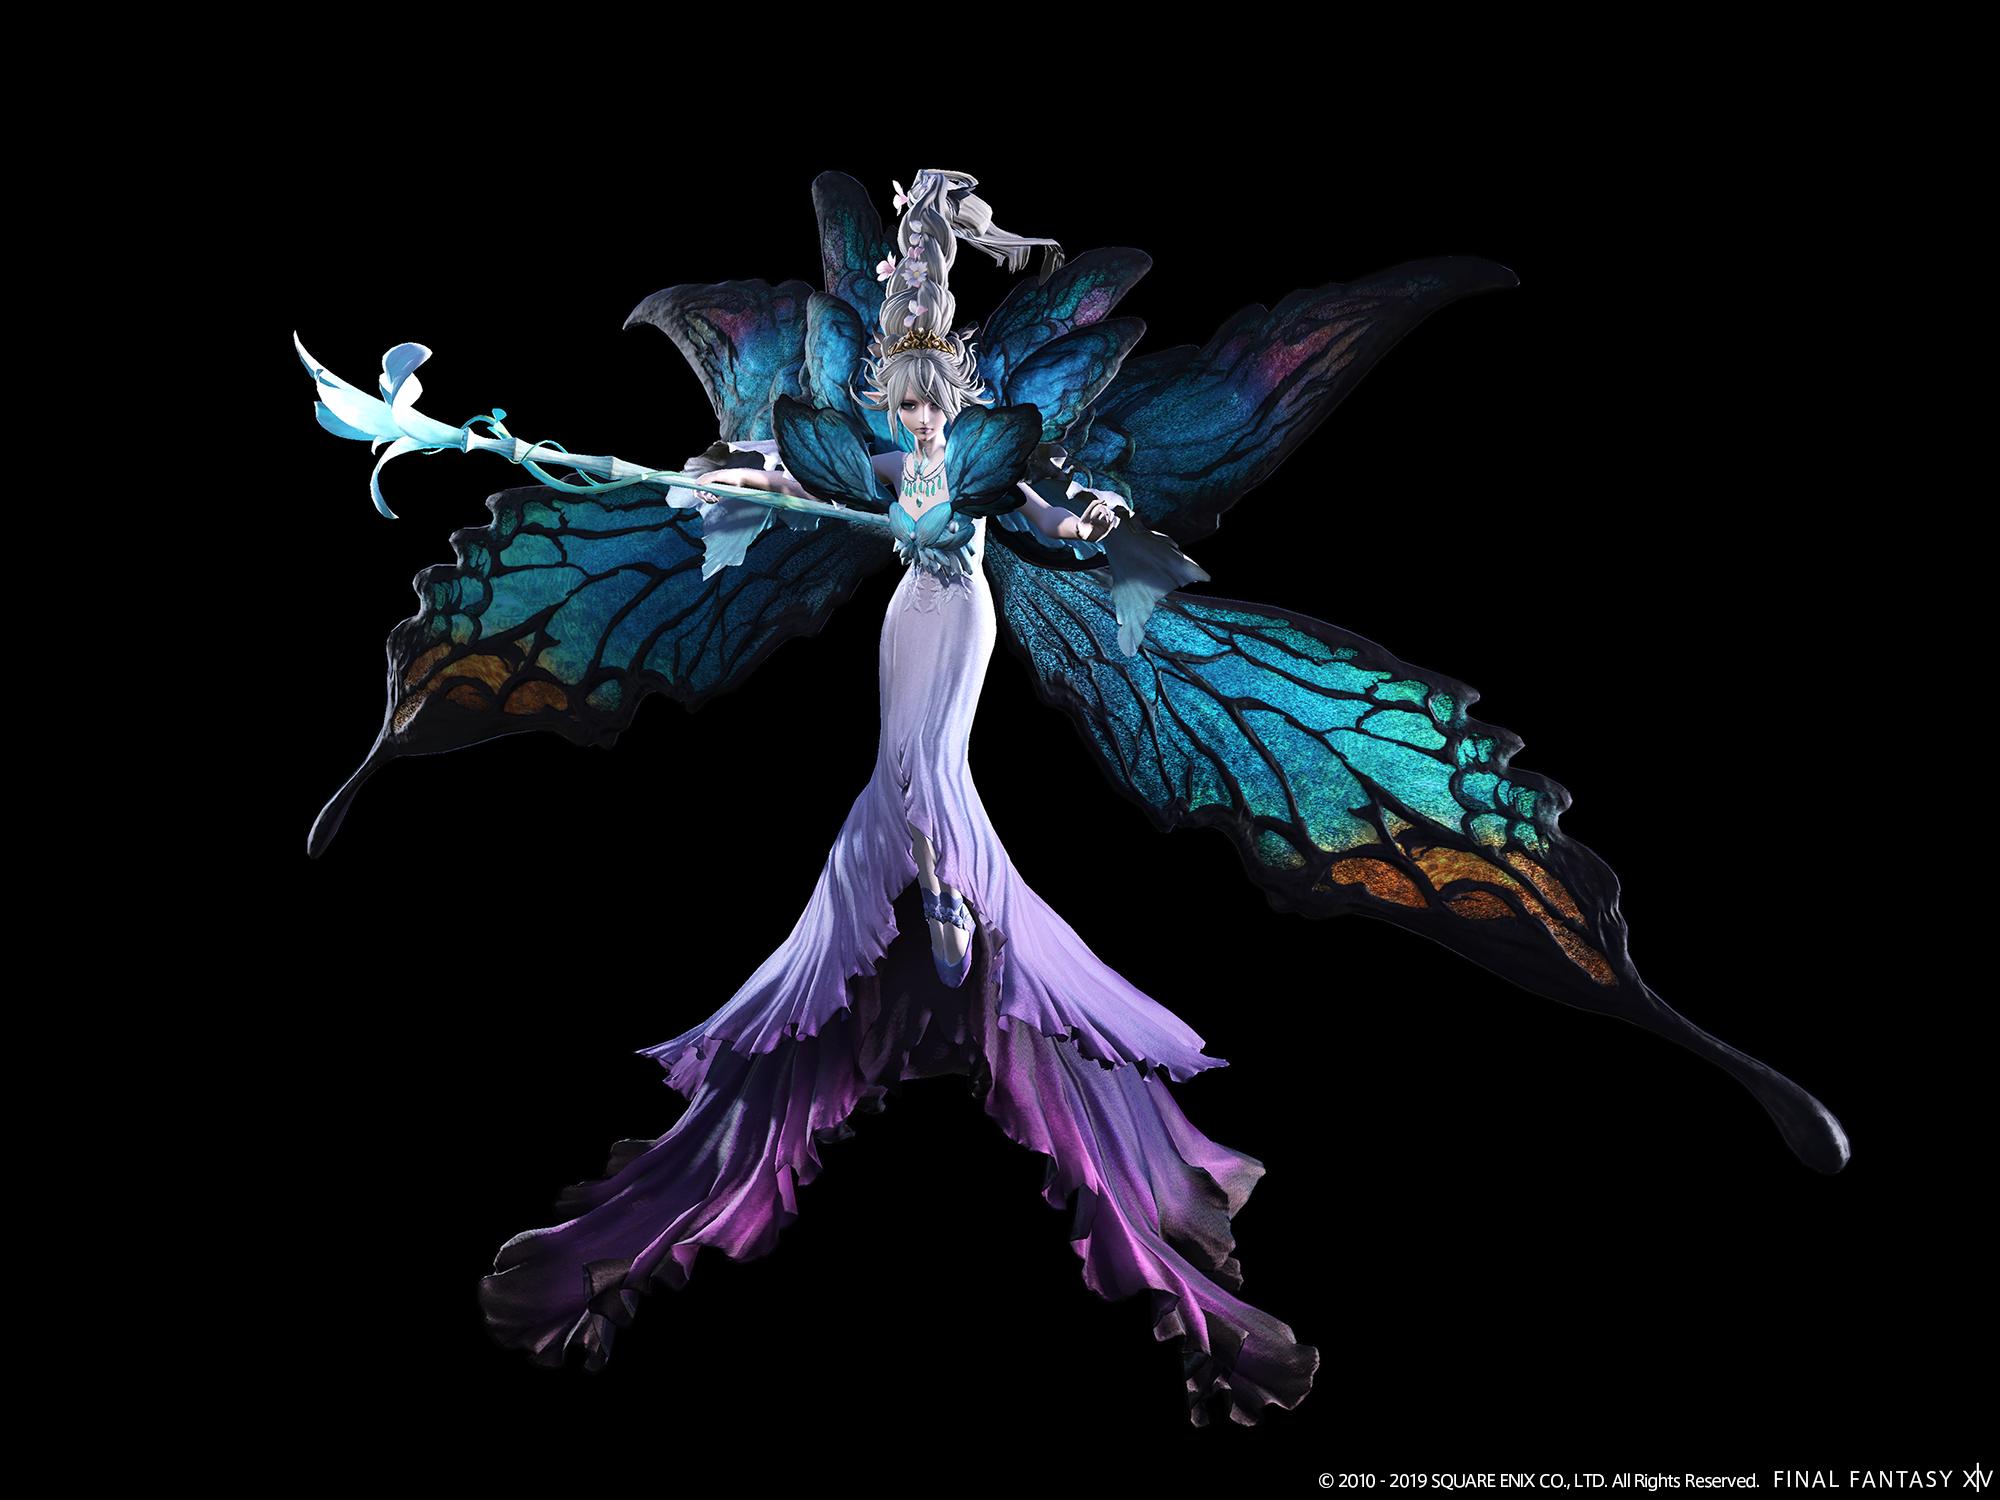 Naoki Yoshida Talks 'Final Fantasy XIV' Shadowbringers